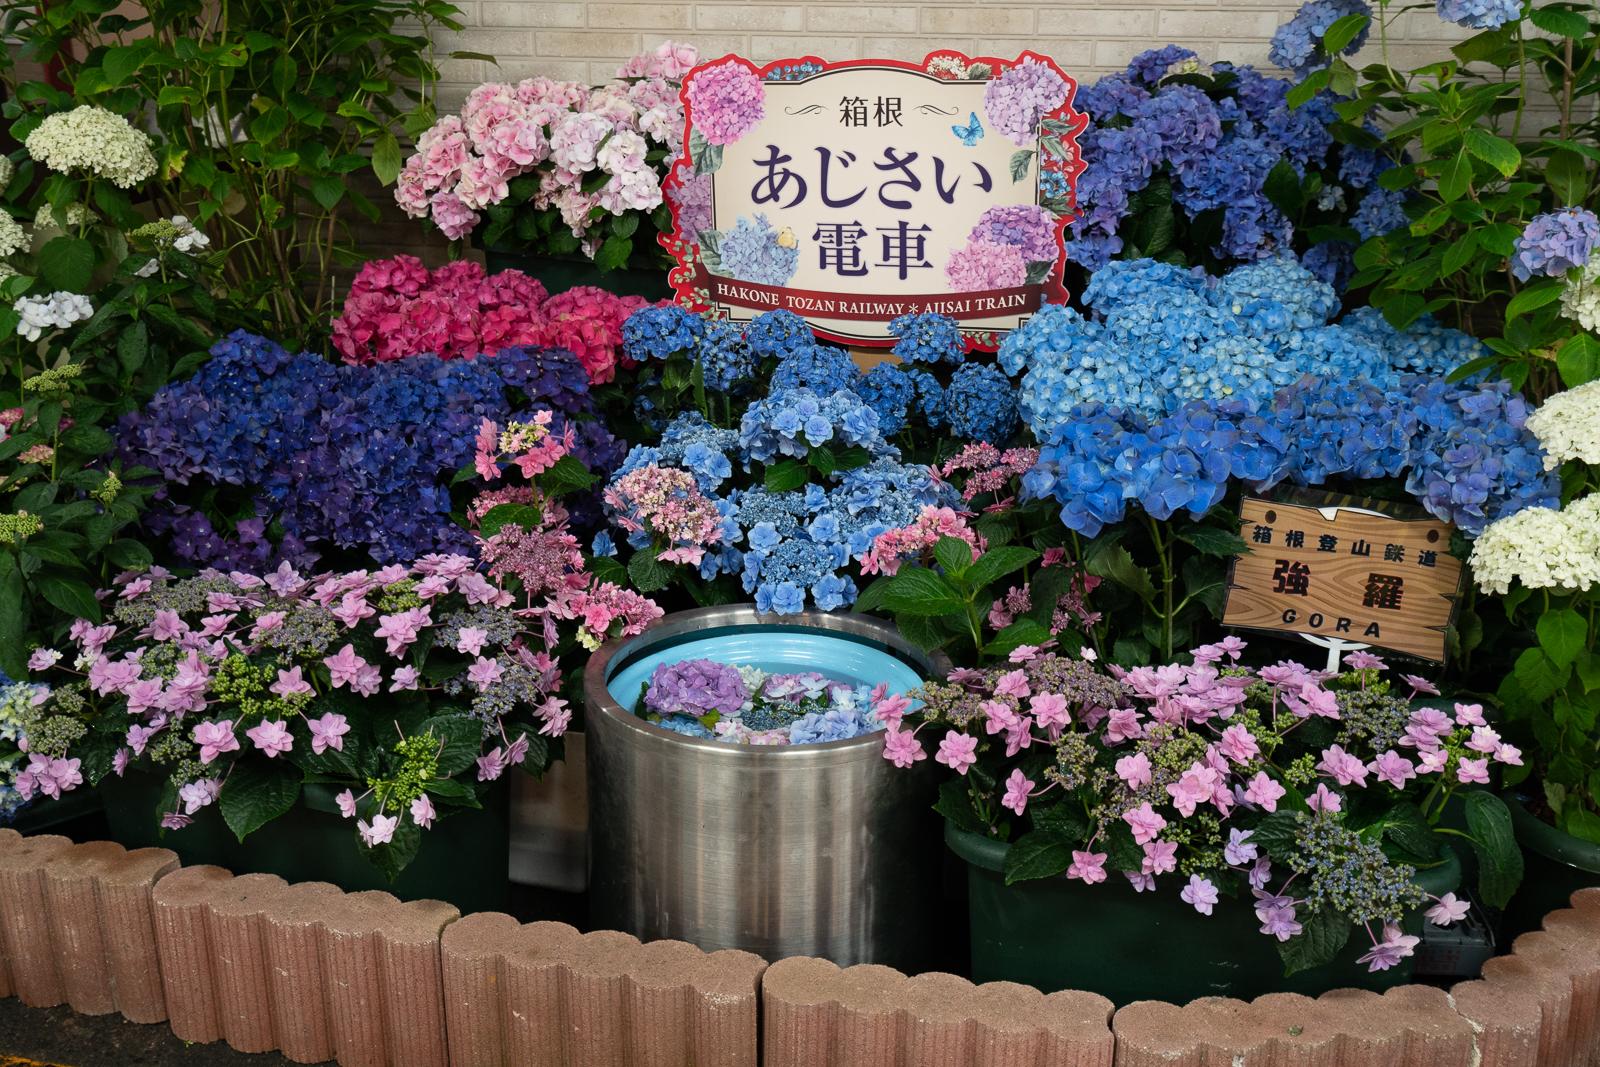 f:id:shino_nsx:20180620200116j:plain